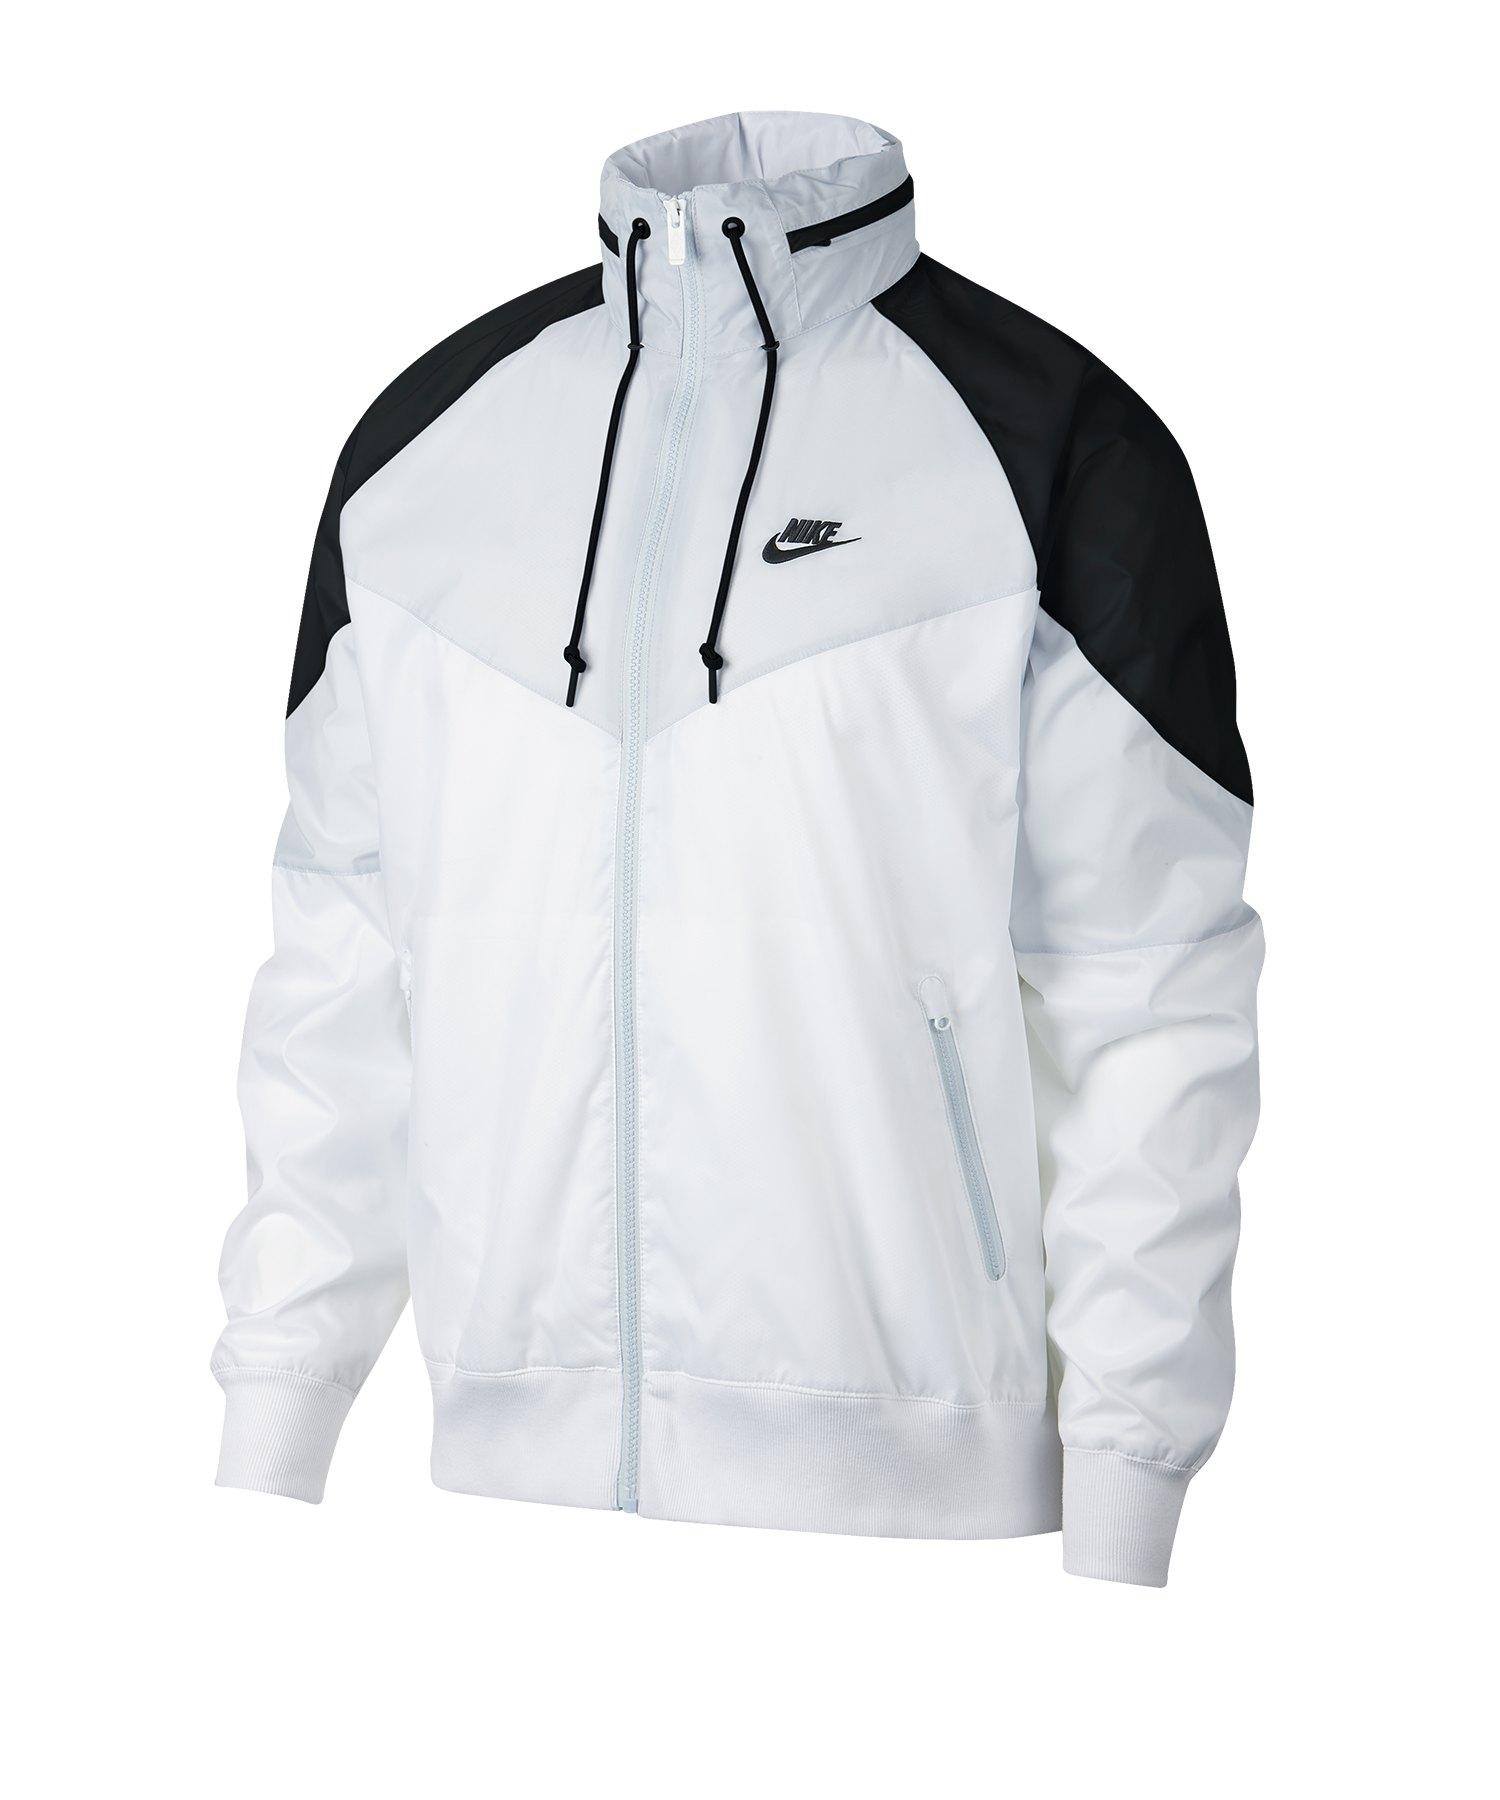 Nike Sportswear Windrunner Jacke Weiss F100